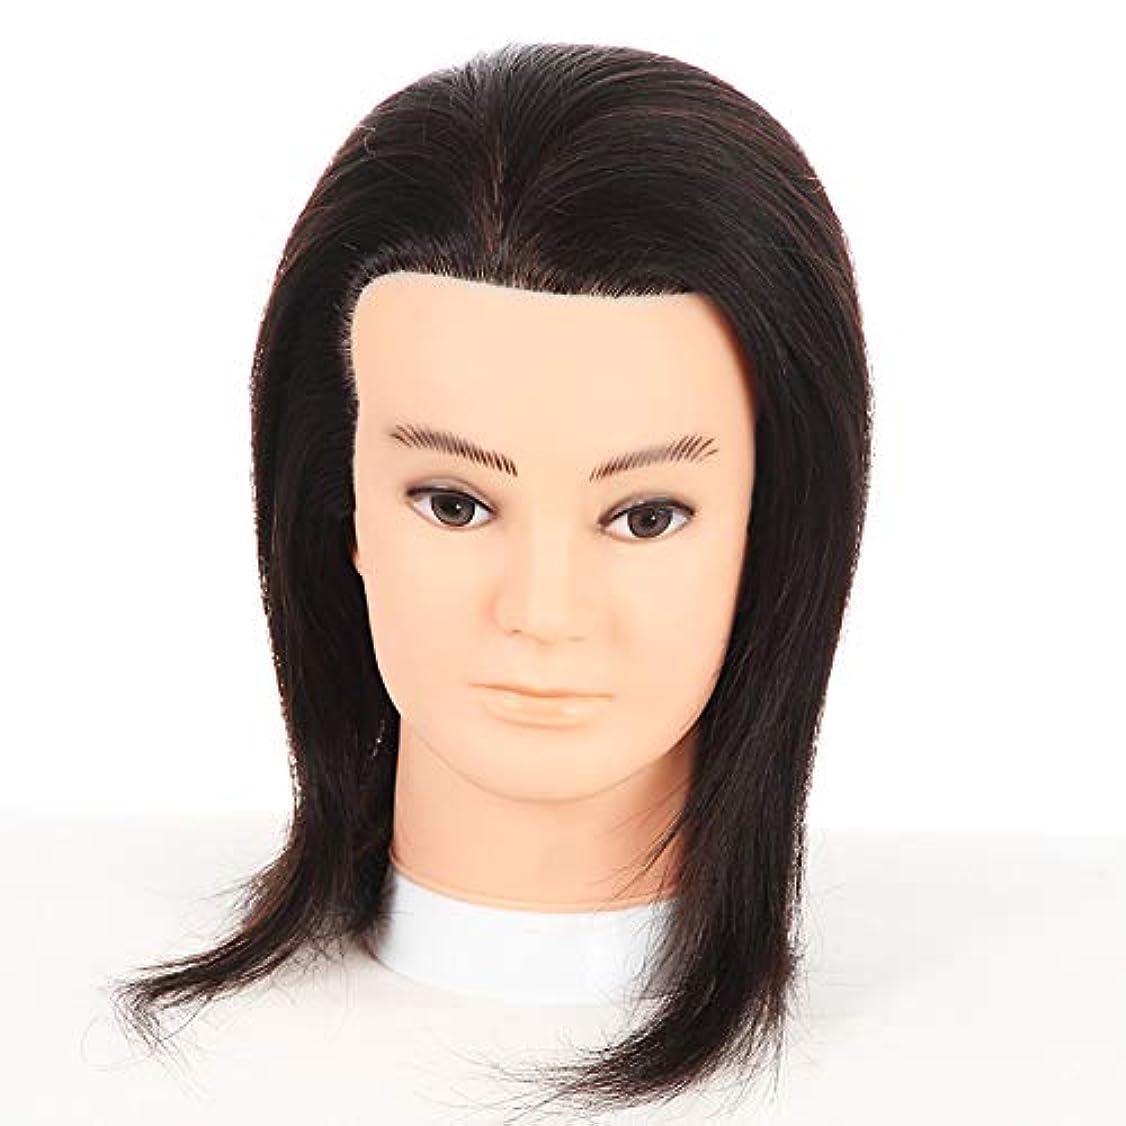 法令クレデンシャルエンジンリアルヘアーヘアスタイリングマネキンヘッド男性ヘッドモデルティーチングヘッド理髪店編組染毛学習ダミーヘッド